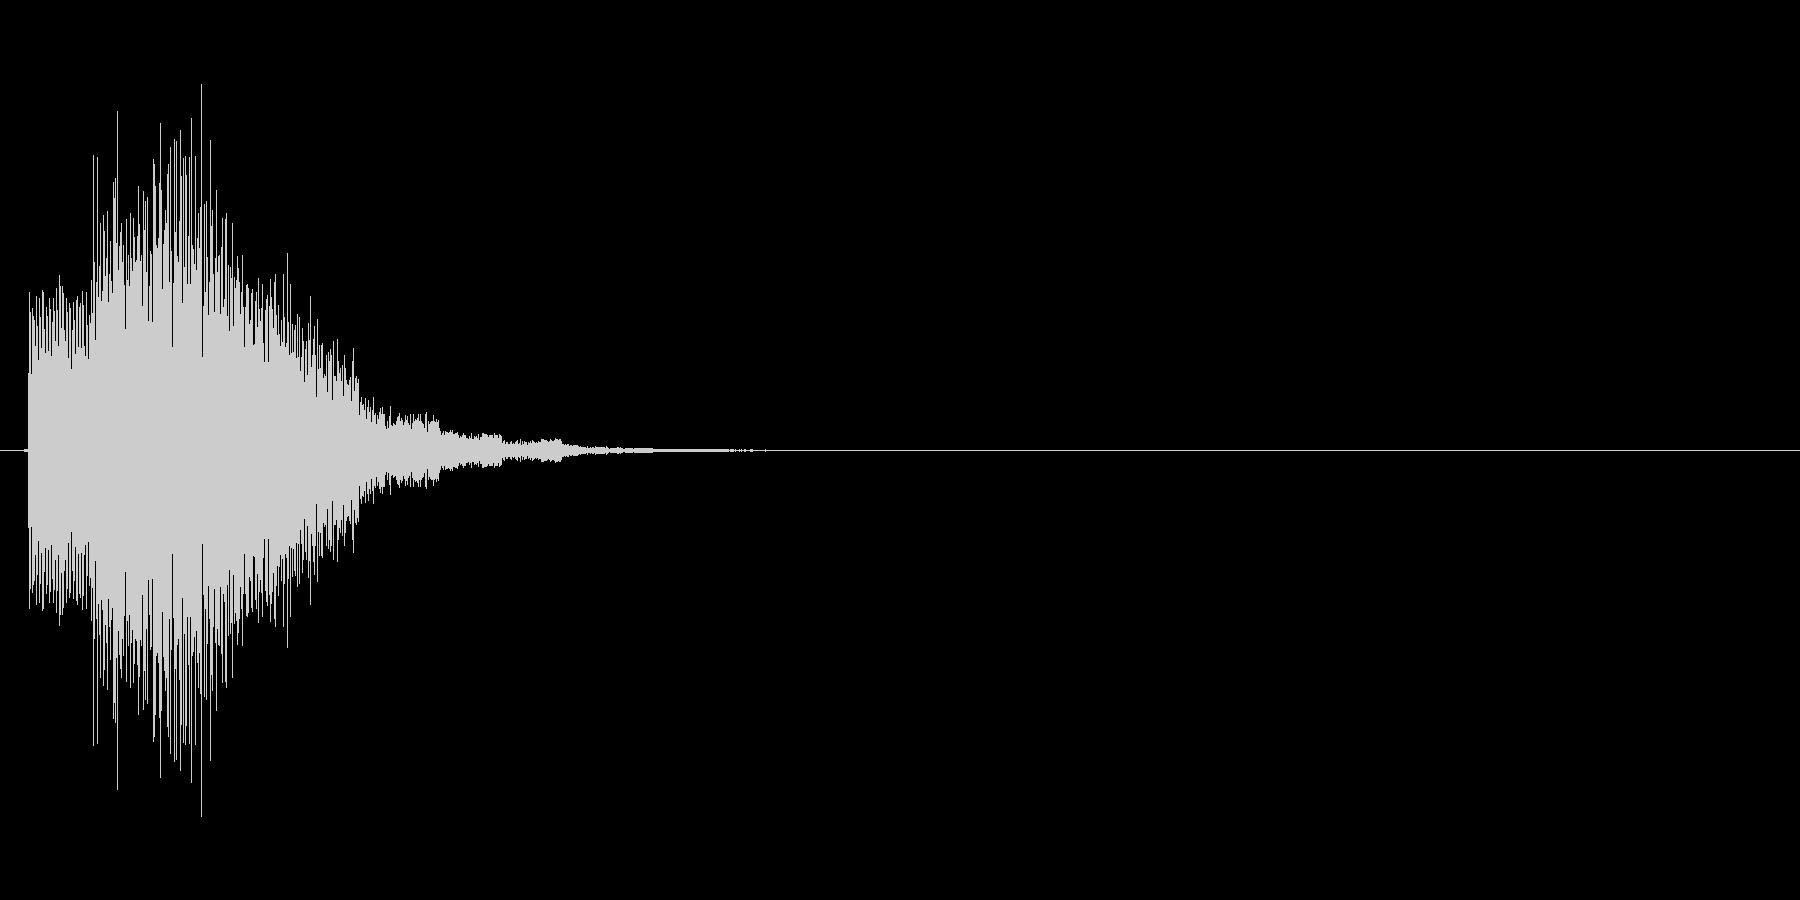 キラキラ(サイバー、決定、システム音)の未再生の波形